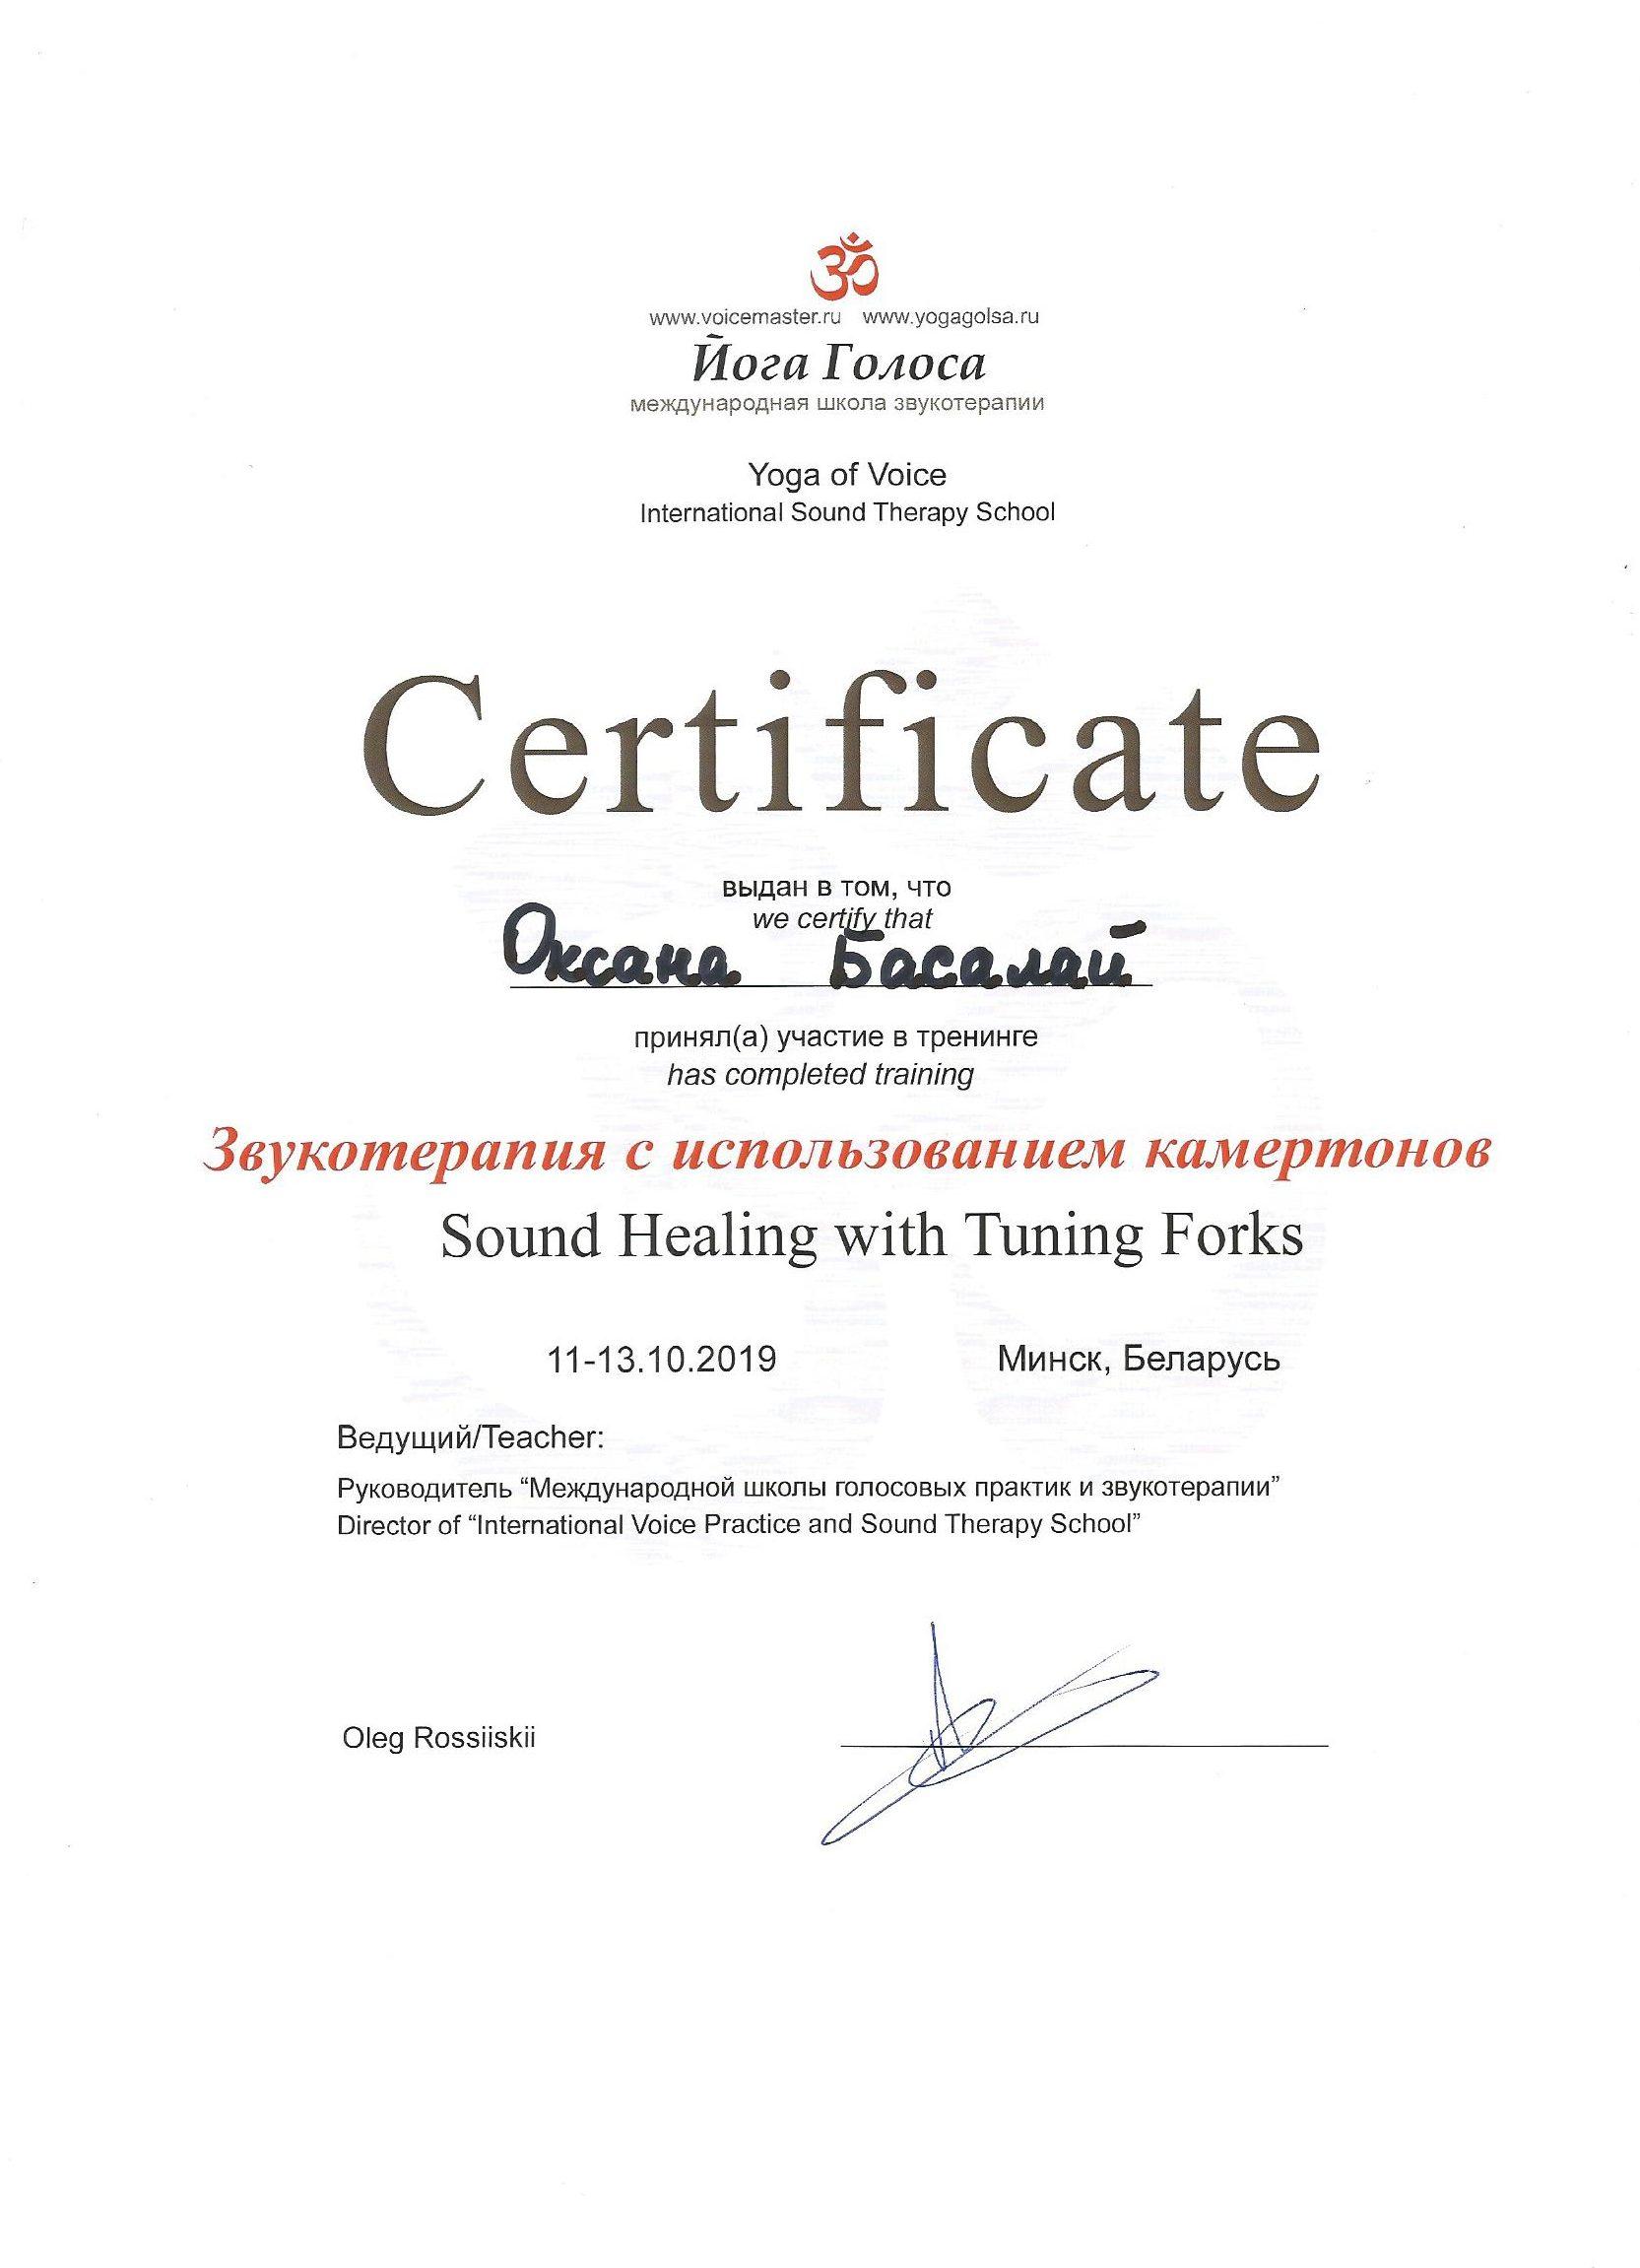 Сертифиакт о прохождении курса по массажу камертонами